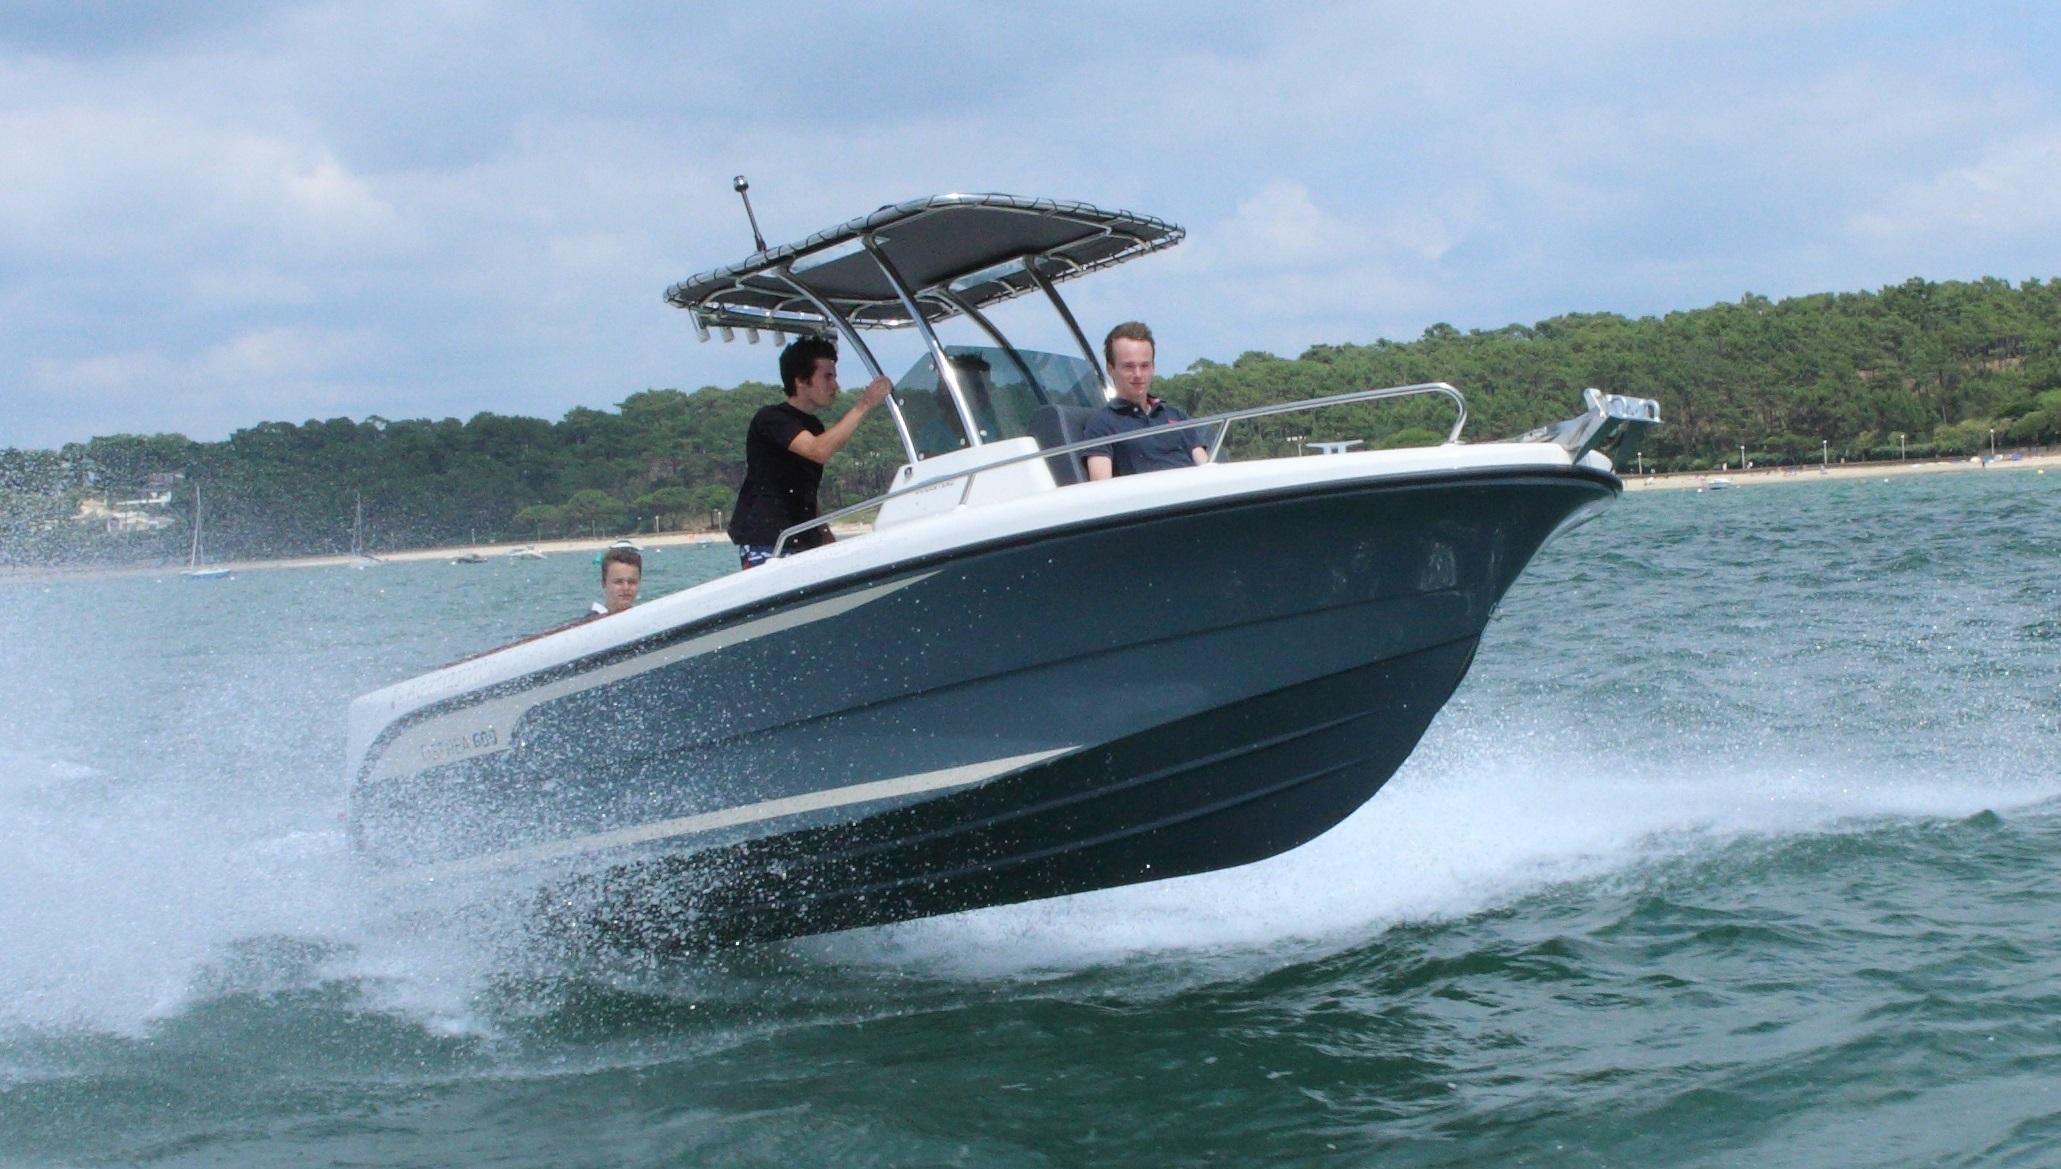 bateau moteur ocqueteau ostrea 600 open t top notre gamme ocqueteau fabrication achat. Black Bedroom Furniture Sets. Home Design Ideas